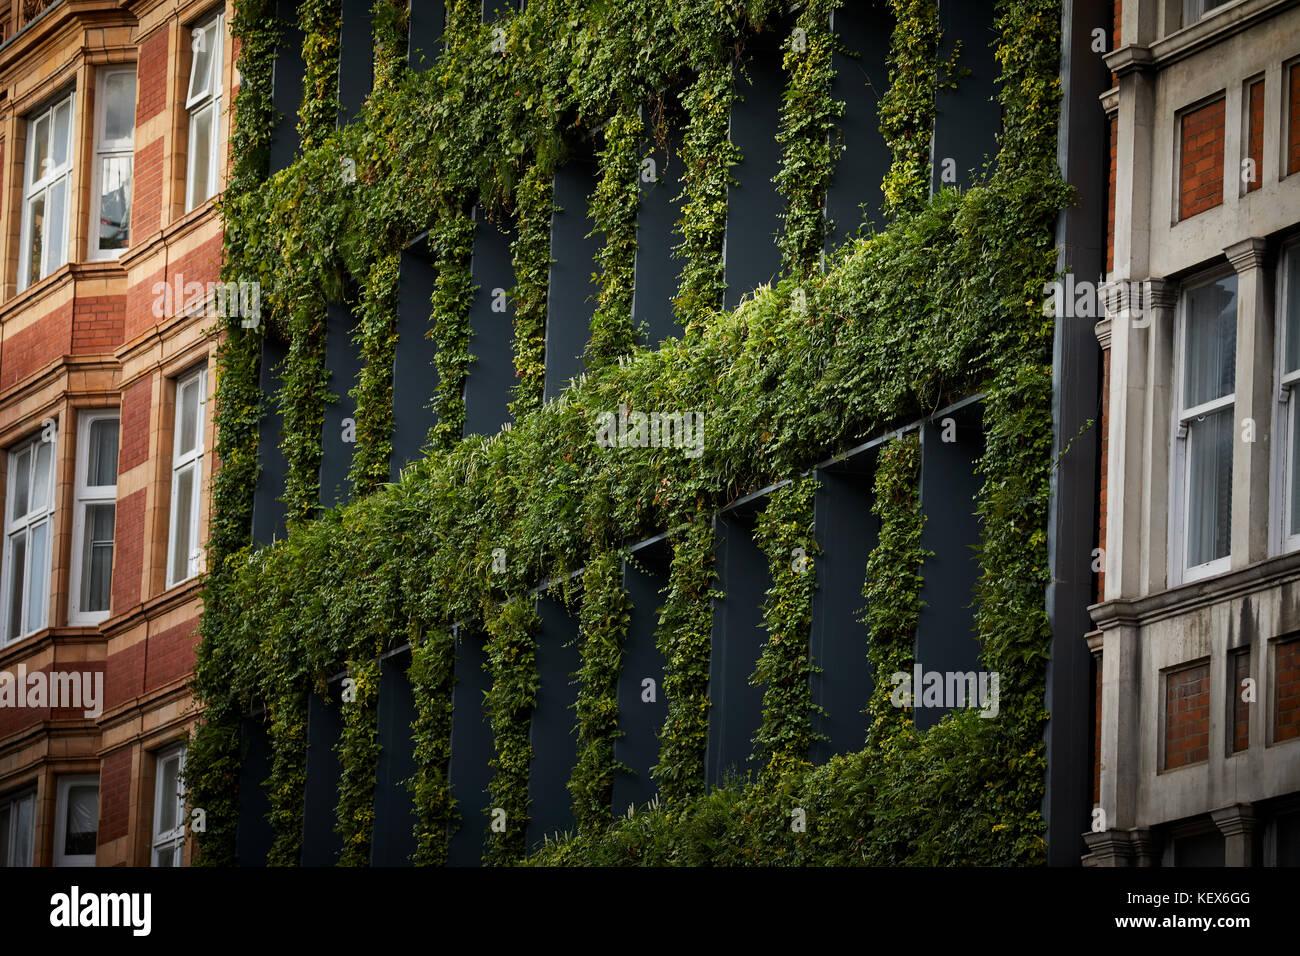 Las plantas de hoja perenne muro viviente para la fachada de la casa de sinergia en Southampton Row en Londres, Imagen De Stock